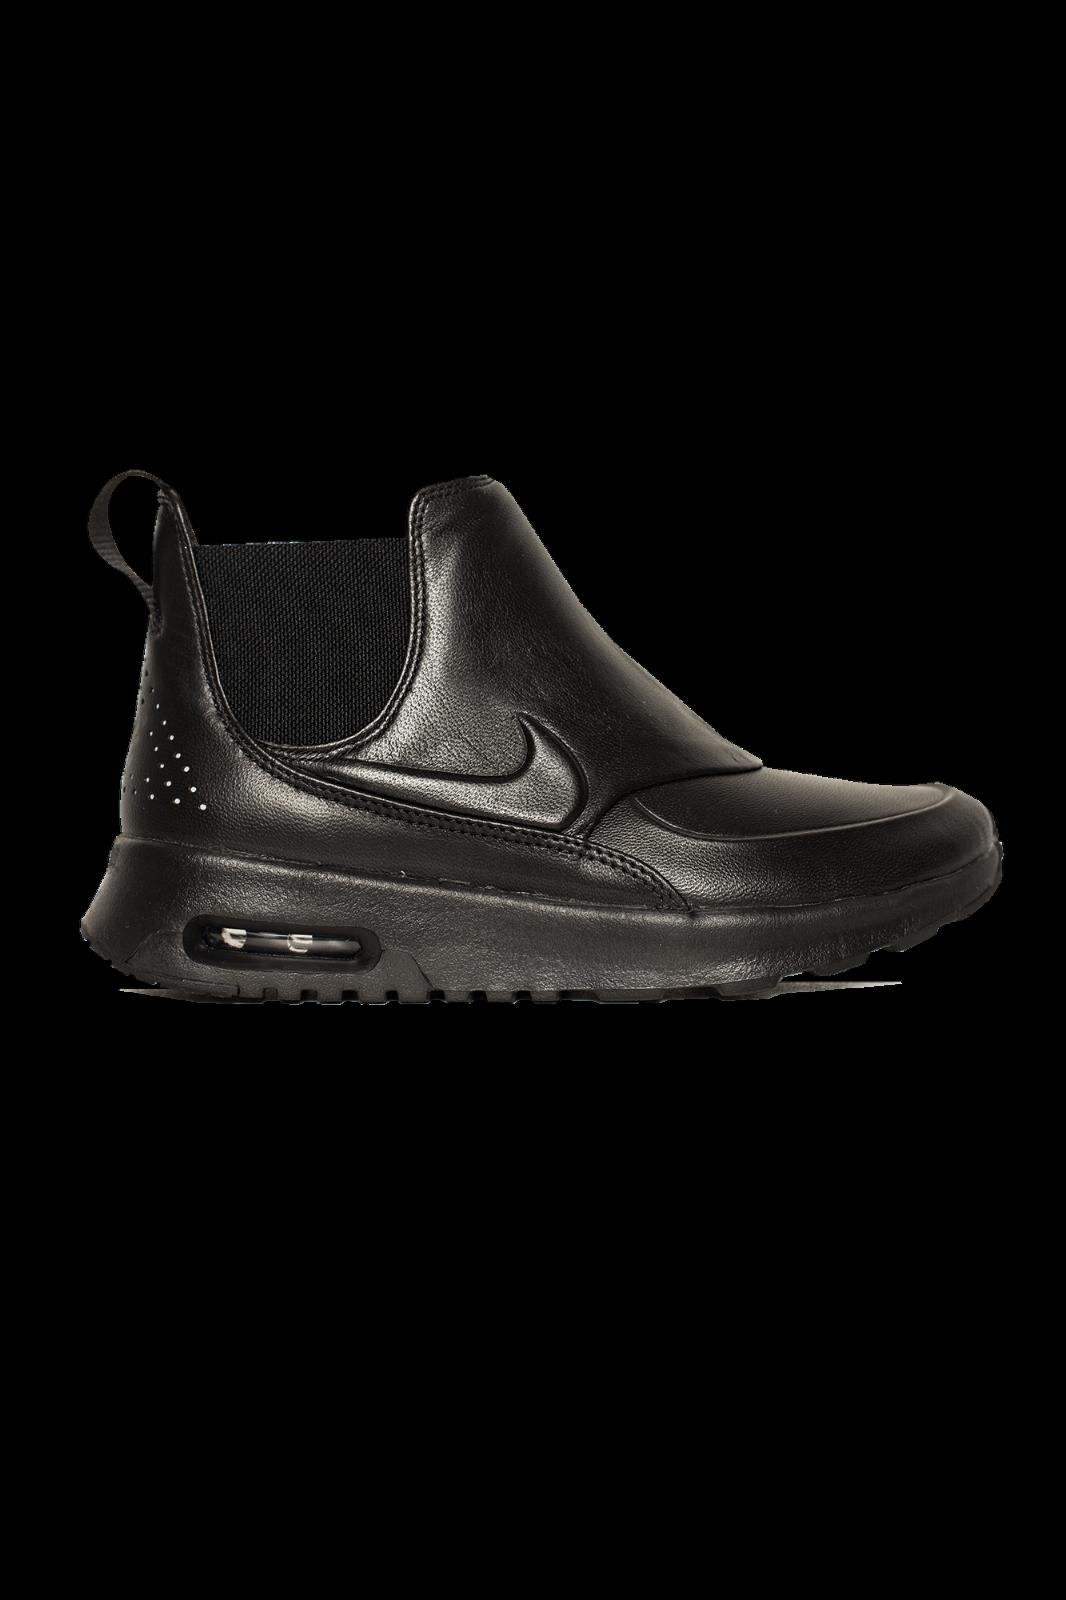 Pinnacle Mid thea Air wmns nikelab Nike 861 Max 9 británica